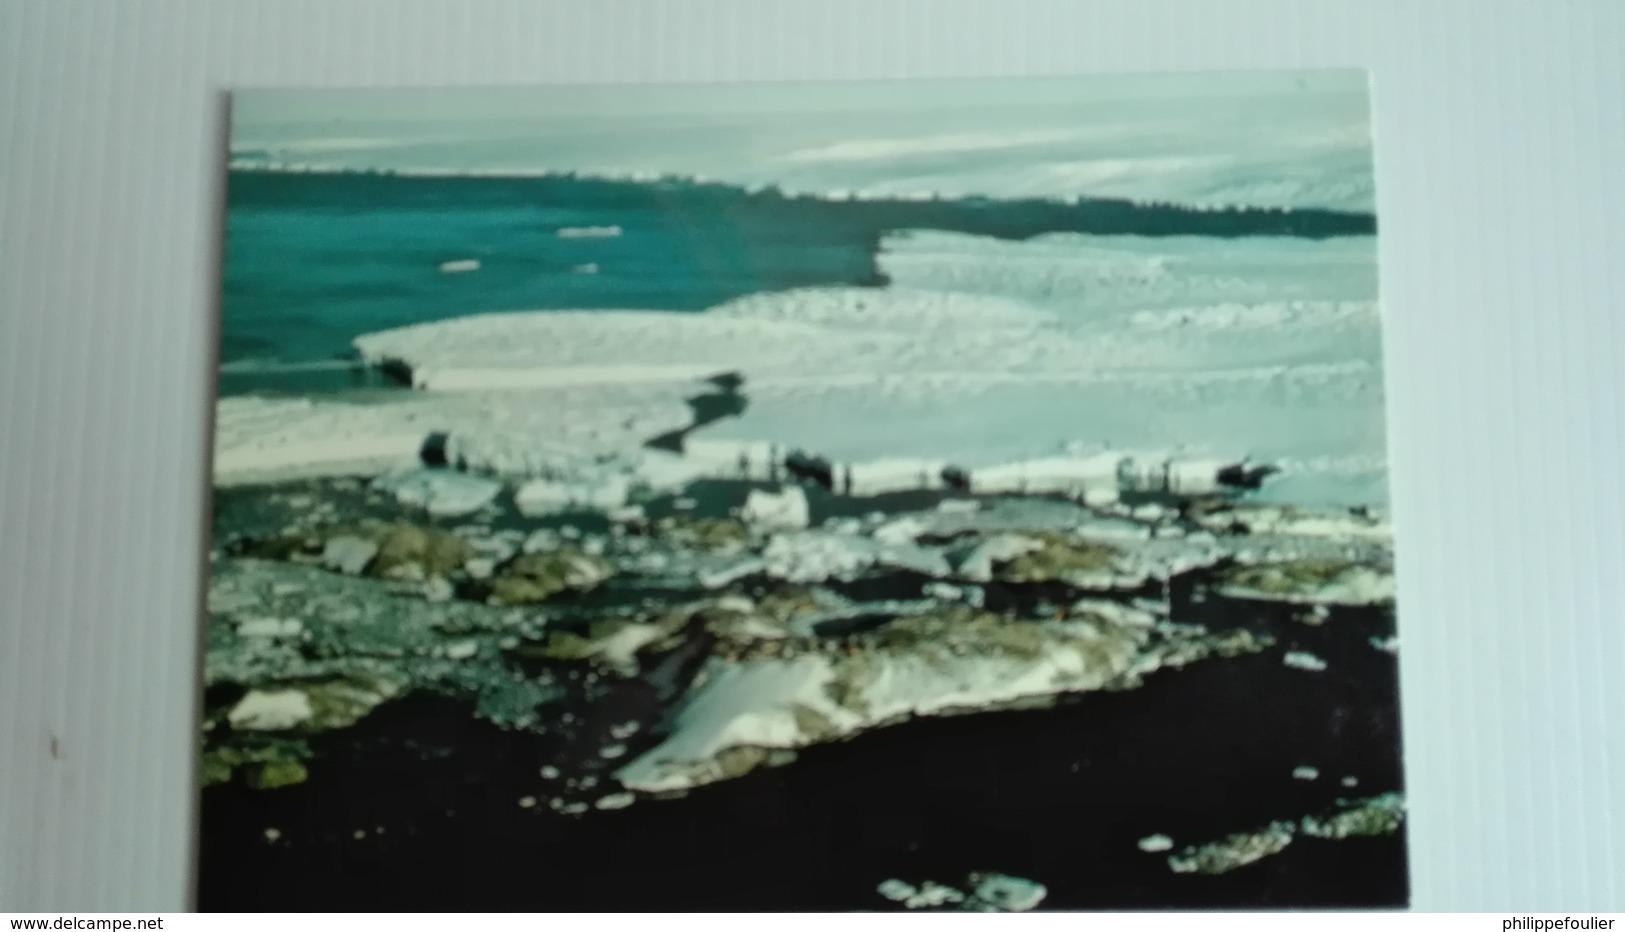 Carte Postale Couleur TAAF Pointe Géologie Glacier Astrolabe - TAAF : Terres Australes Antarctiques Françaises